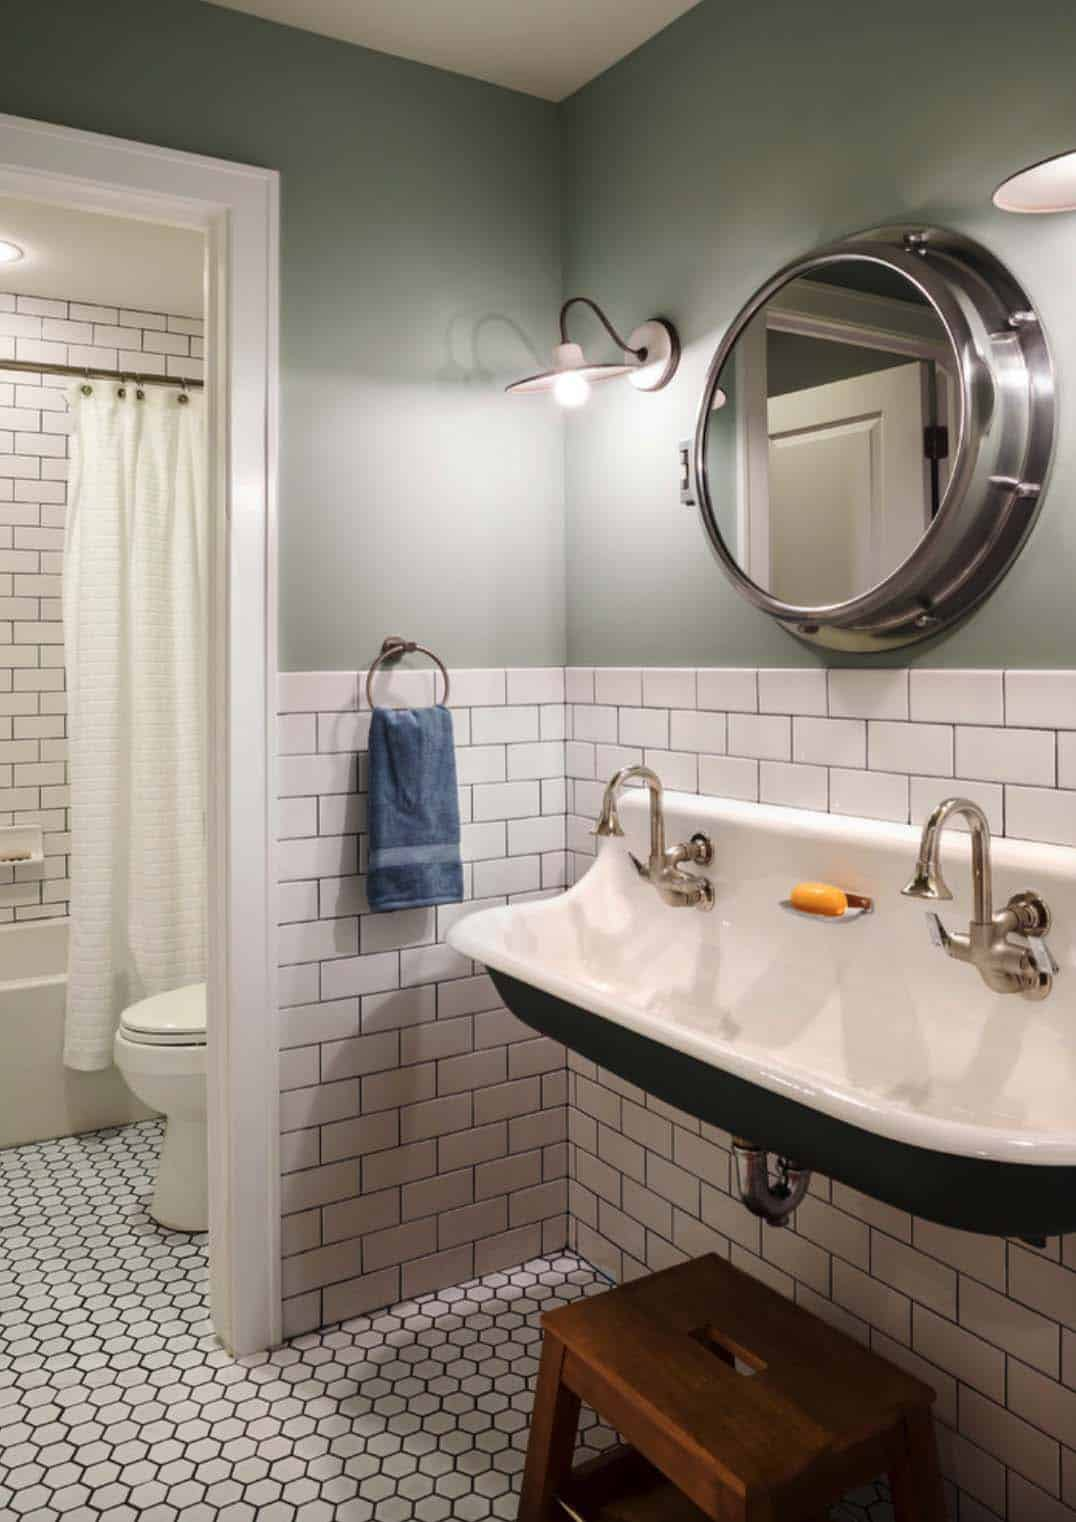 21 Gorgeous farmhouse style bathrooms you will love on Farmhouse Bathroom Tile  id=84309